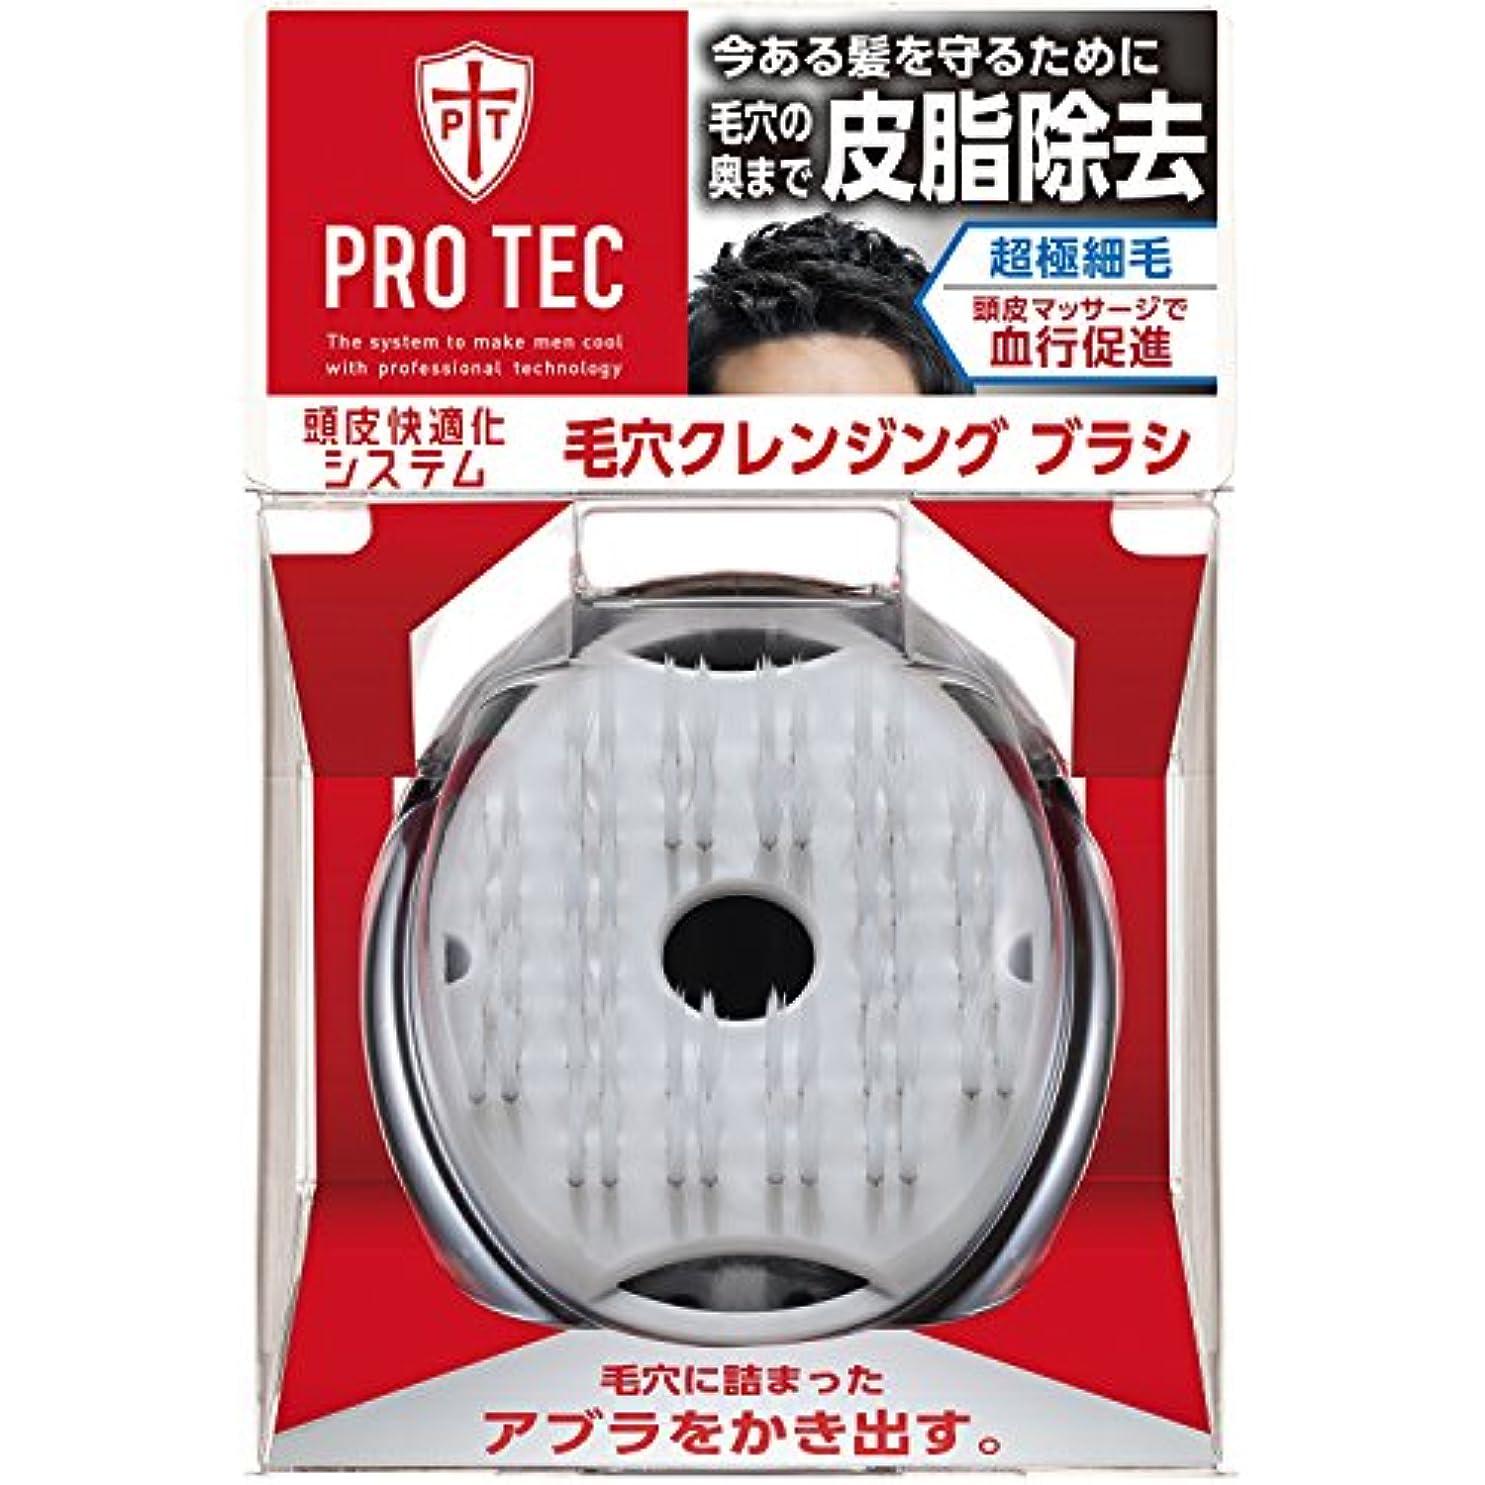 逸脱ティッシュチョップPRO TEC(プロテク) ウォッシングブラシ 毛穴クレンジングタイプ